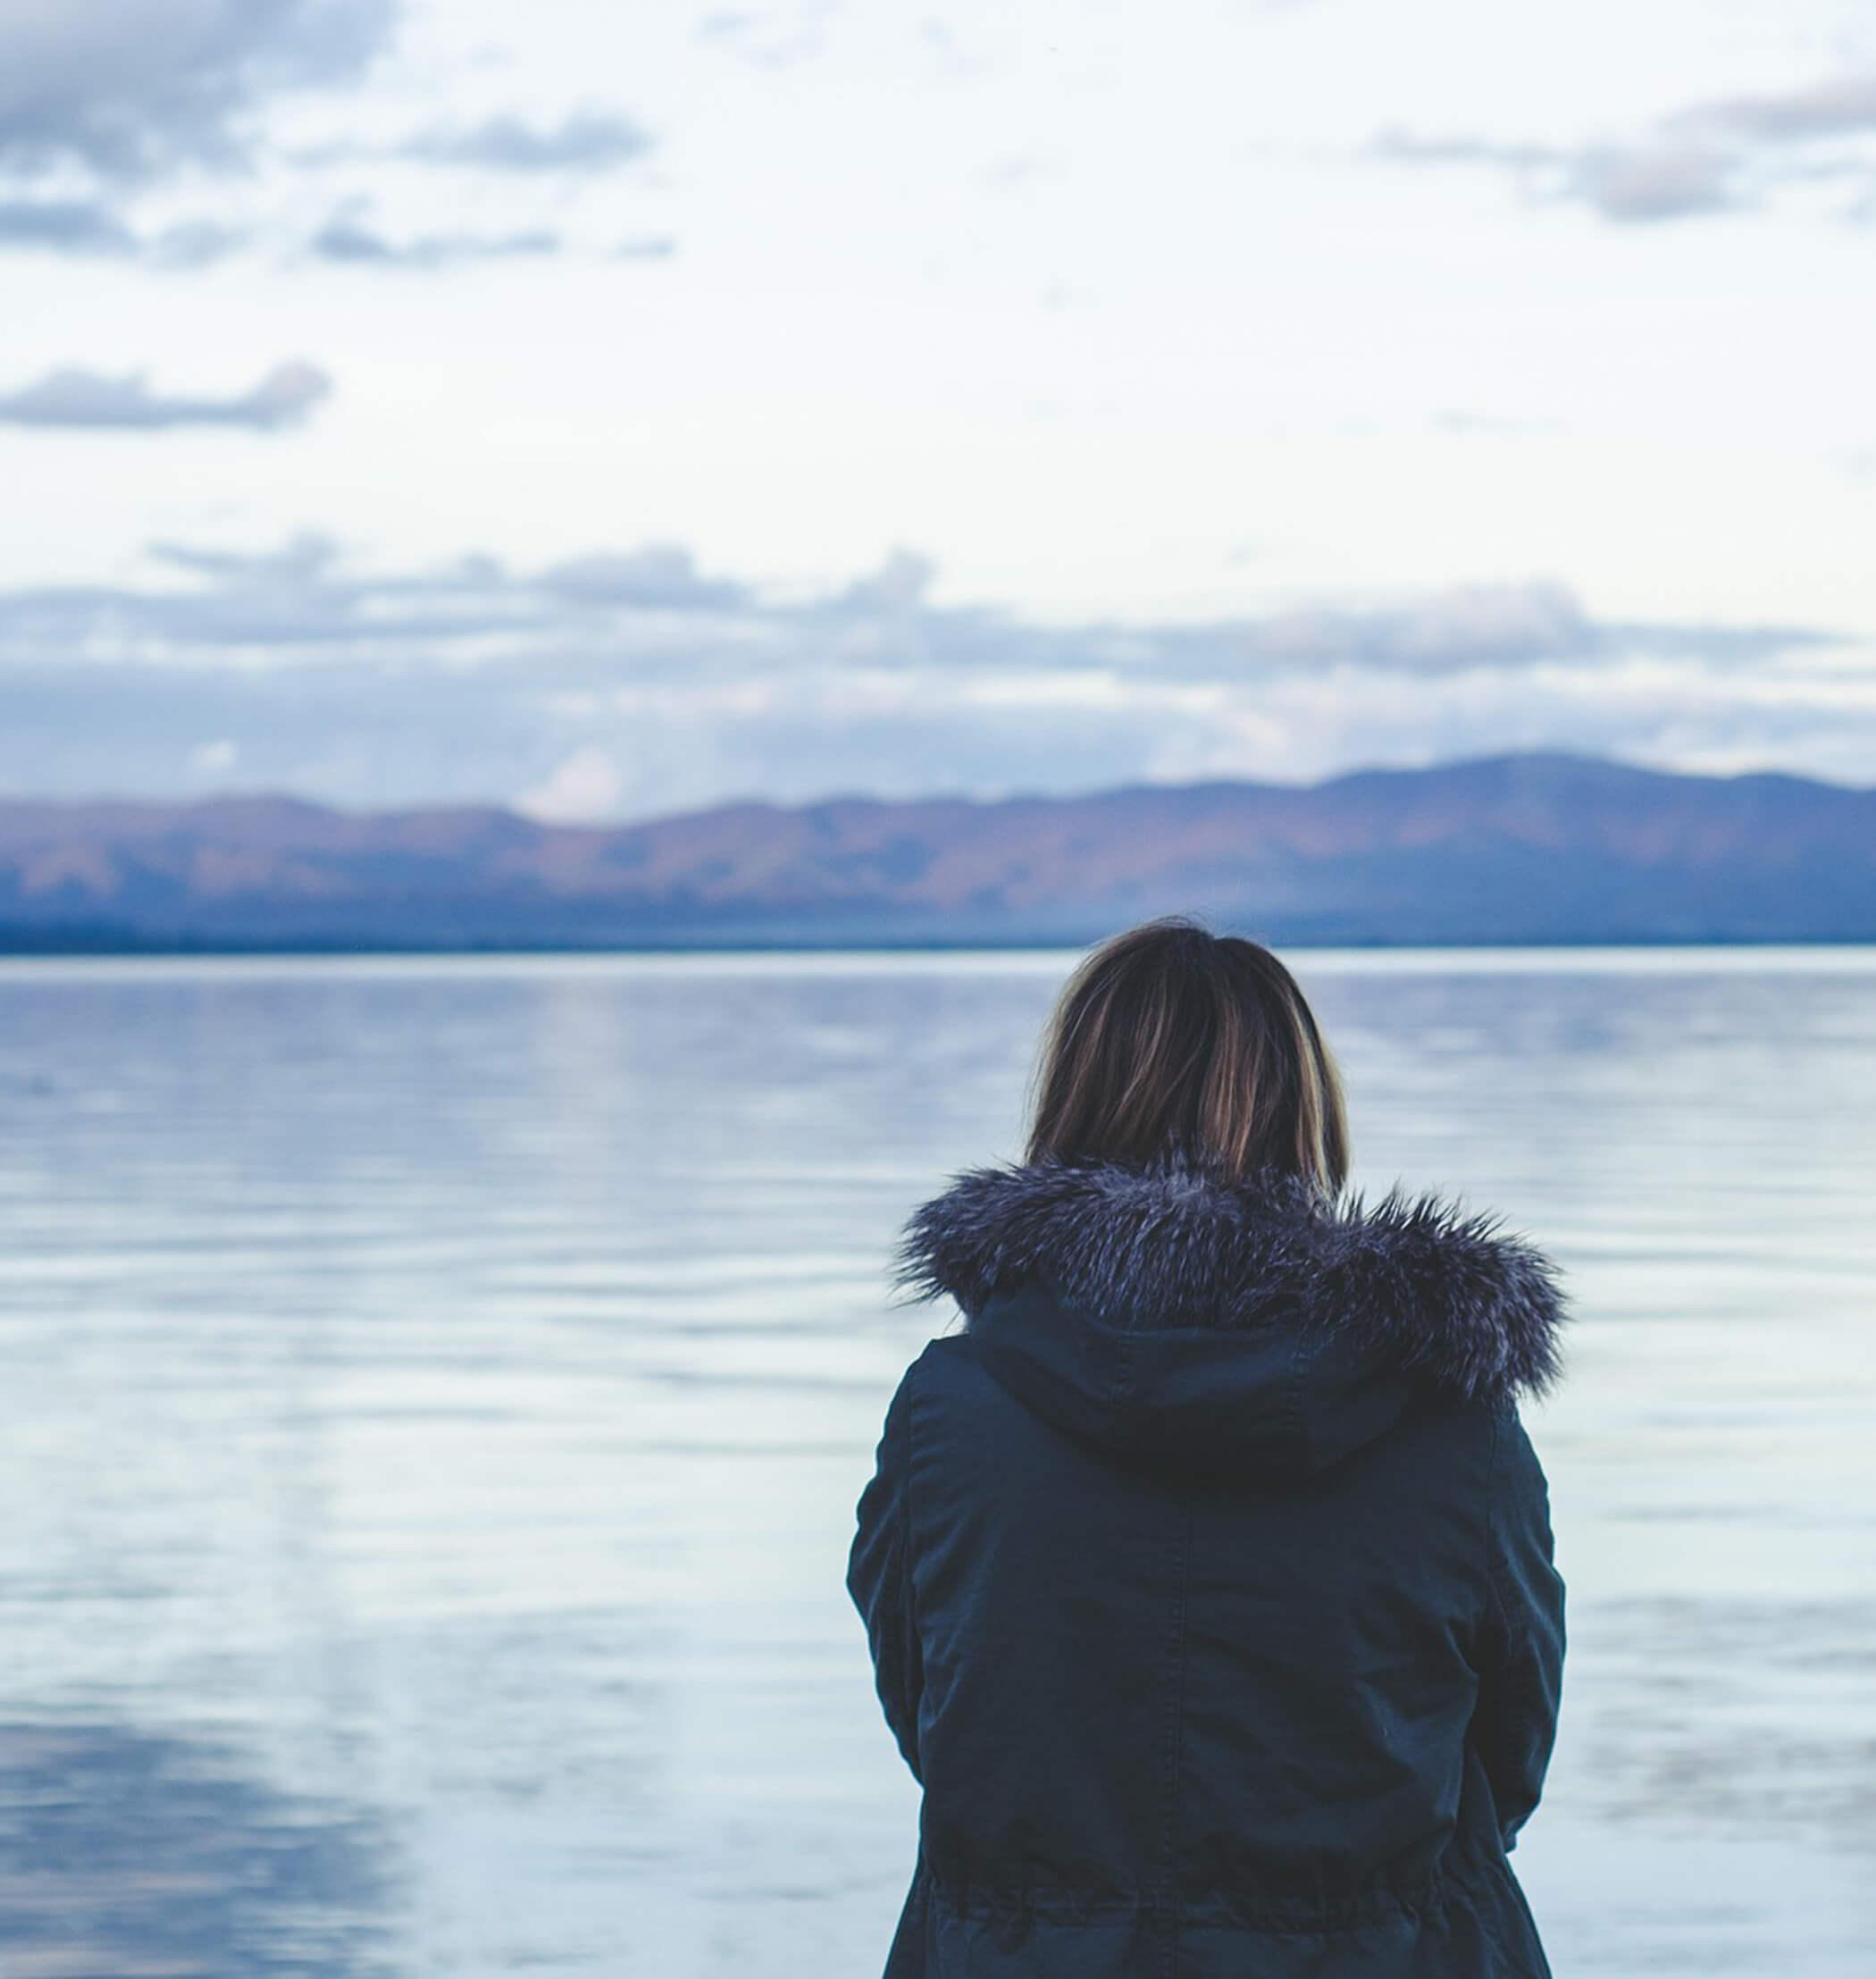 Frau am See sieht in die Ferne